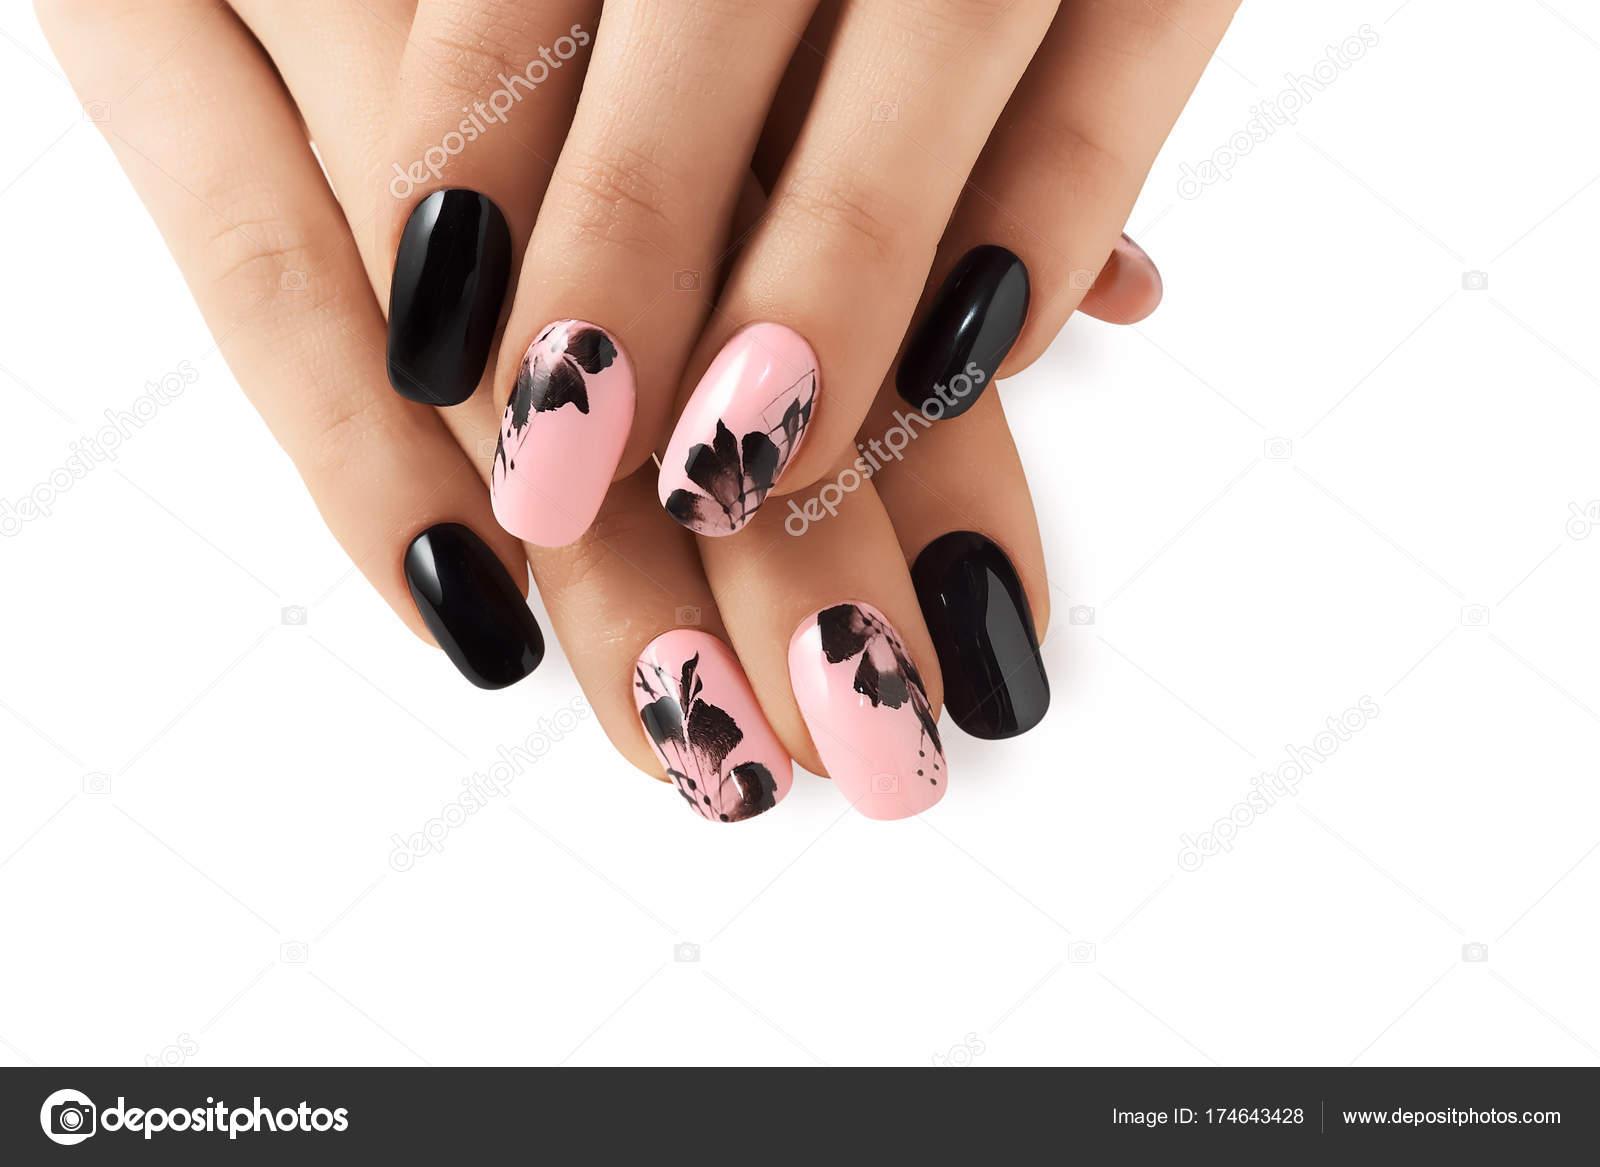 Modello floreale astratto su unghie rosa nero \u2014 Foto di